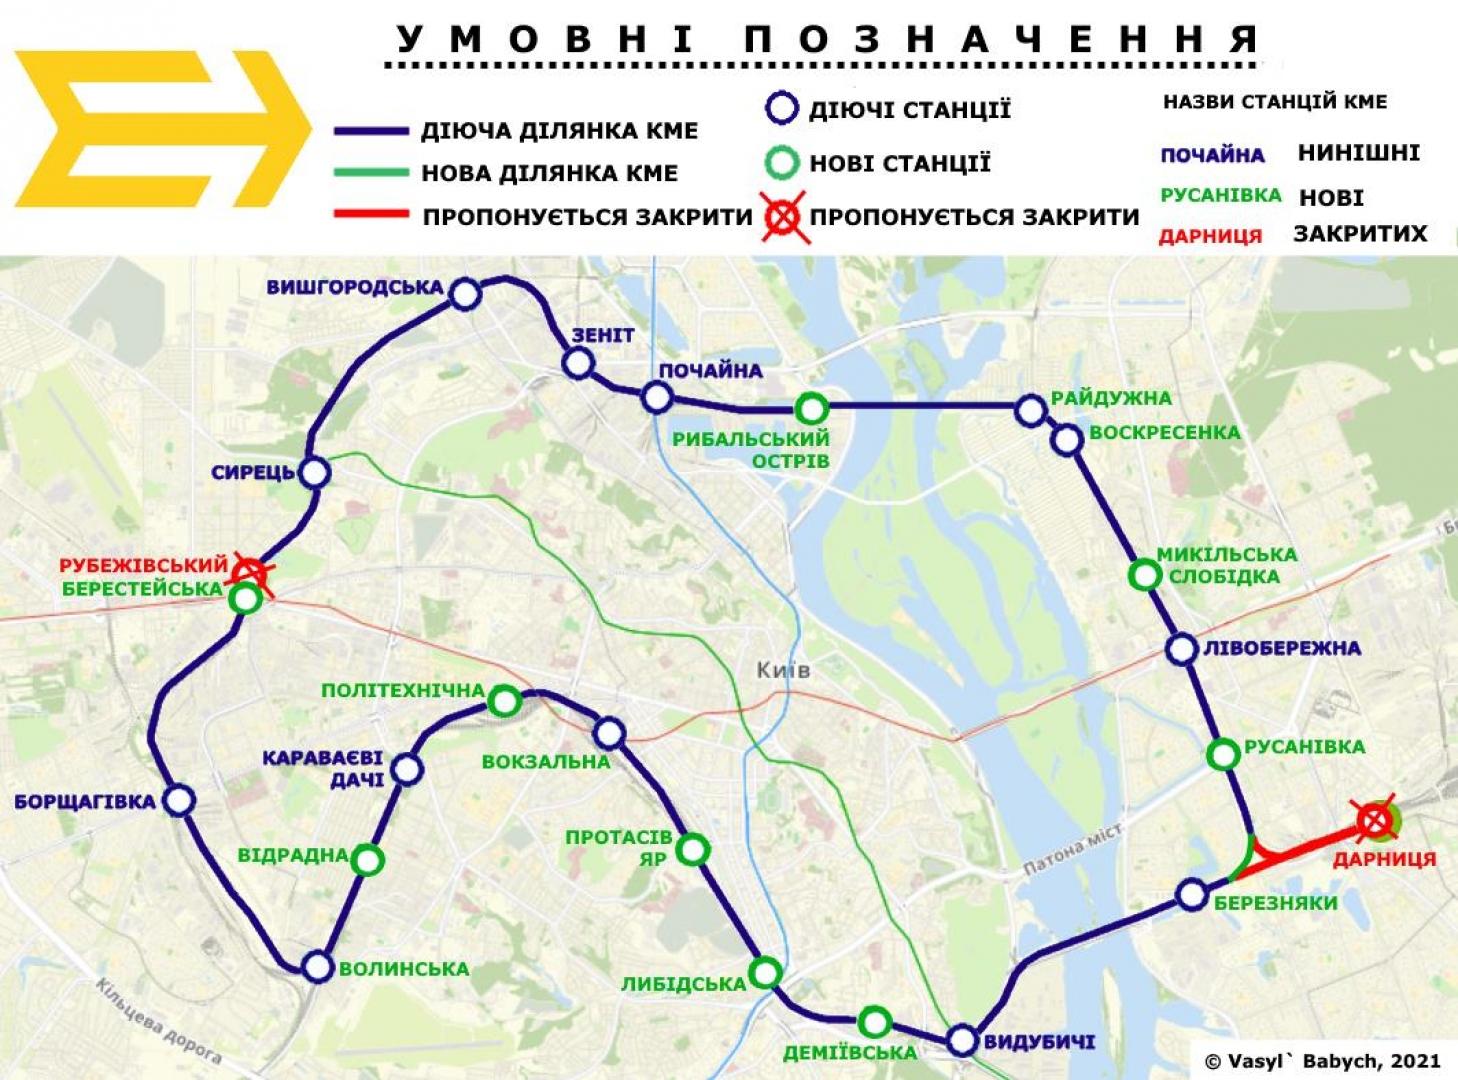 Як зробити з міської електрички «кільцеву лінію метро»?